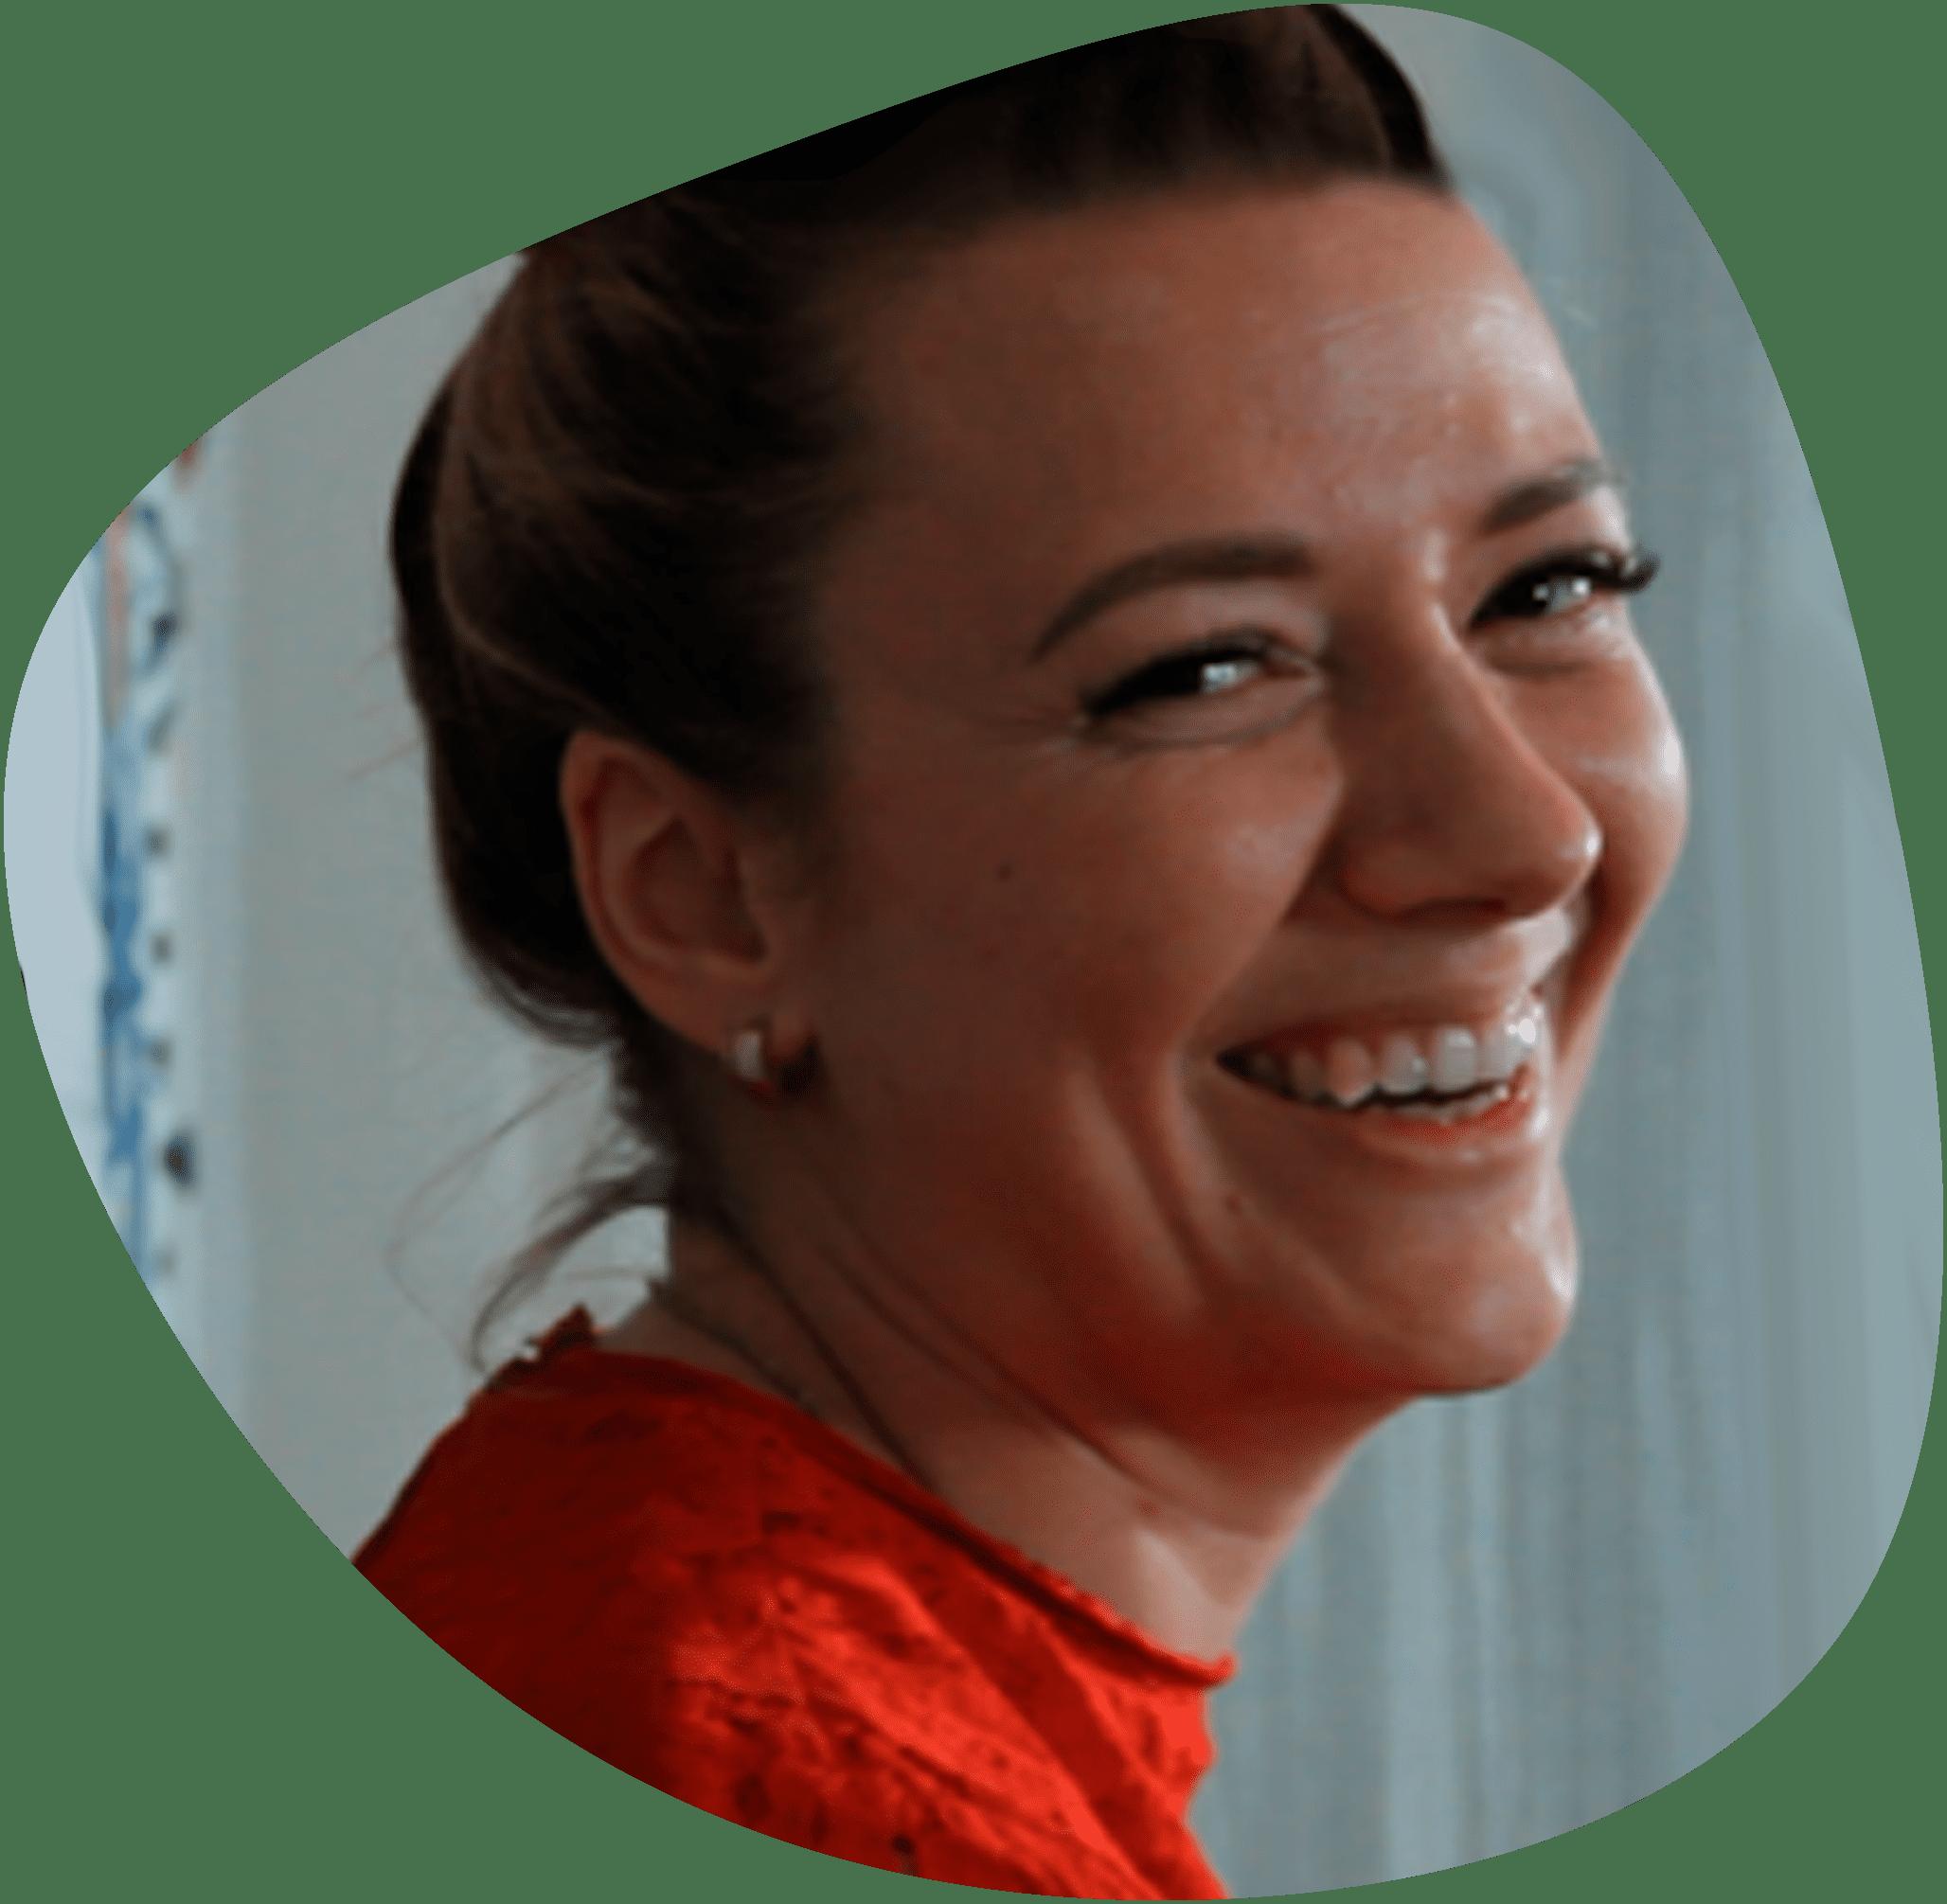 Katharina-testimonial